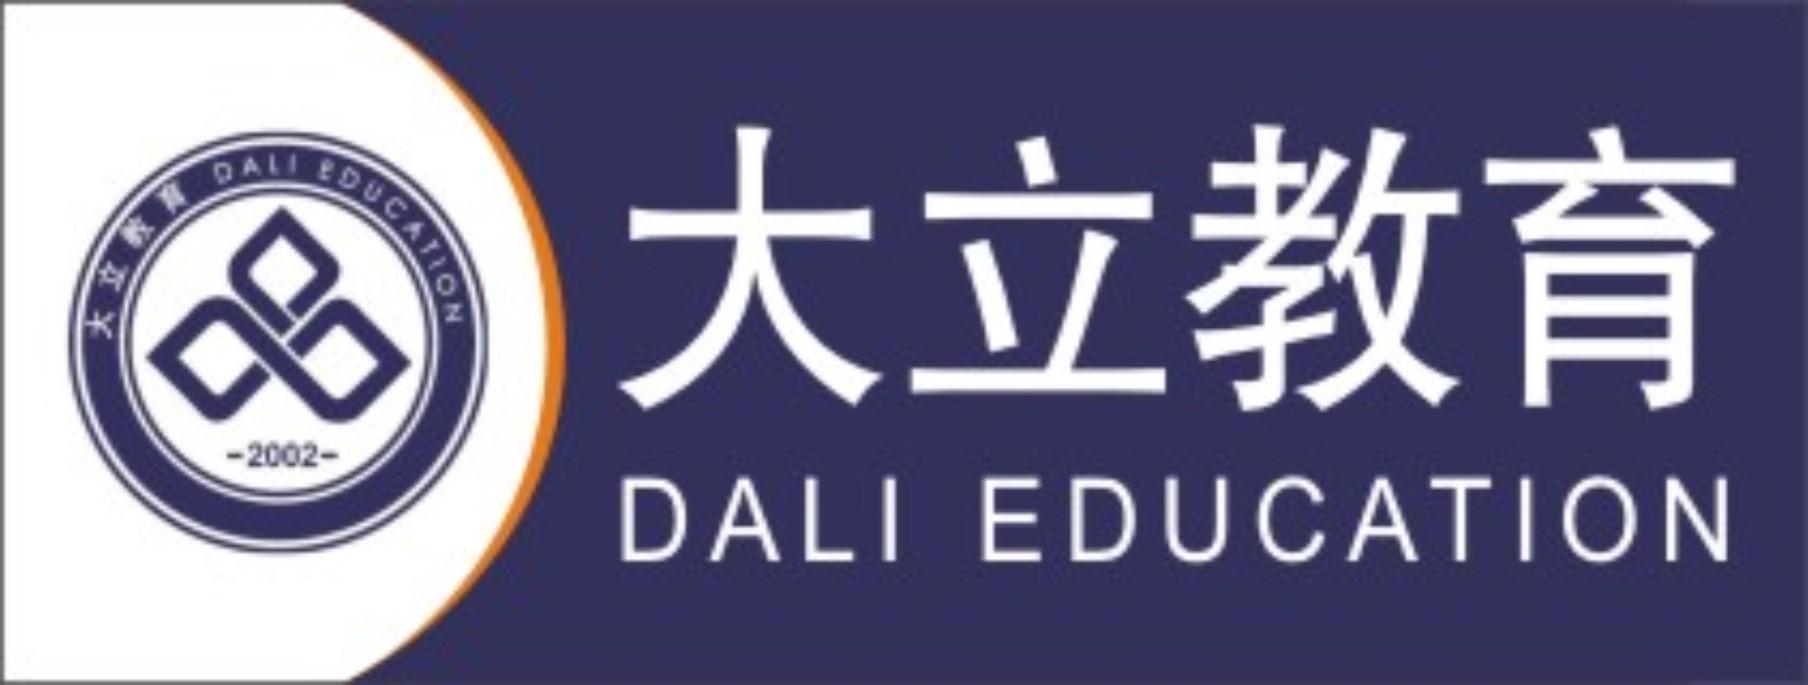 大立教育培训学校-衡阳招聘